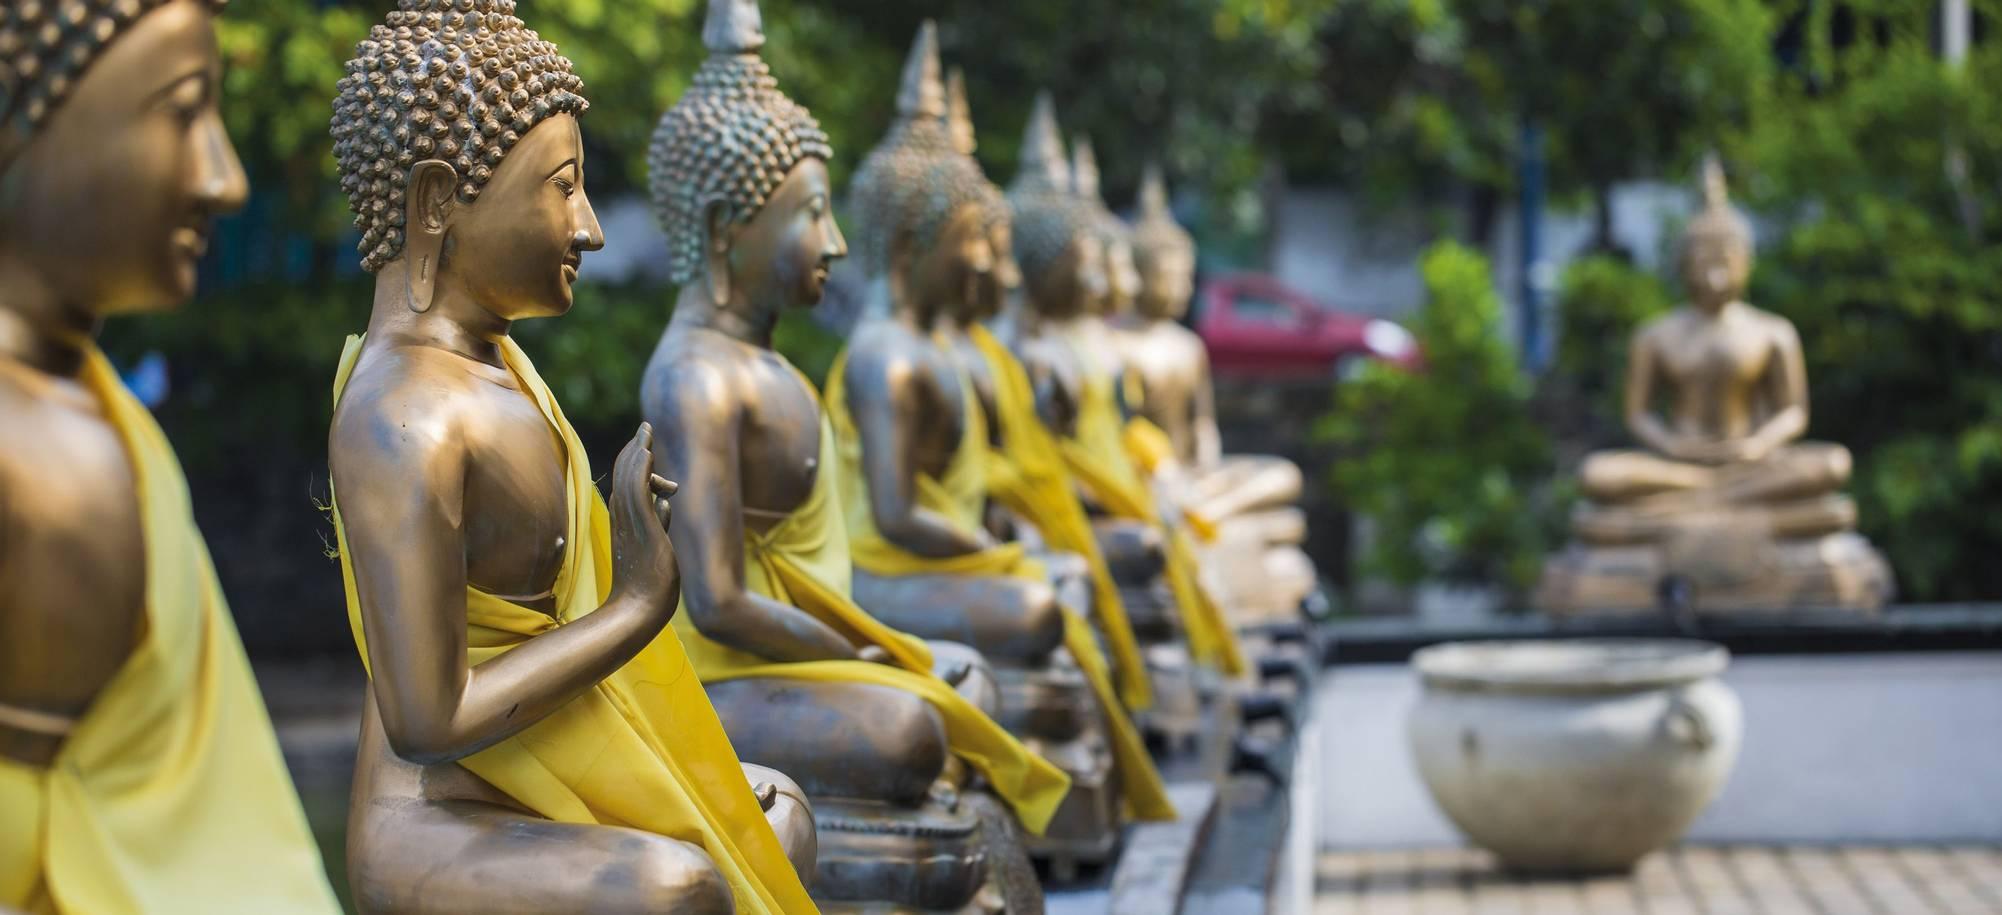 12 day_Colombo_Buddha Statues_web.jpg